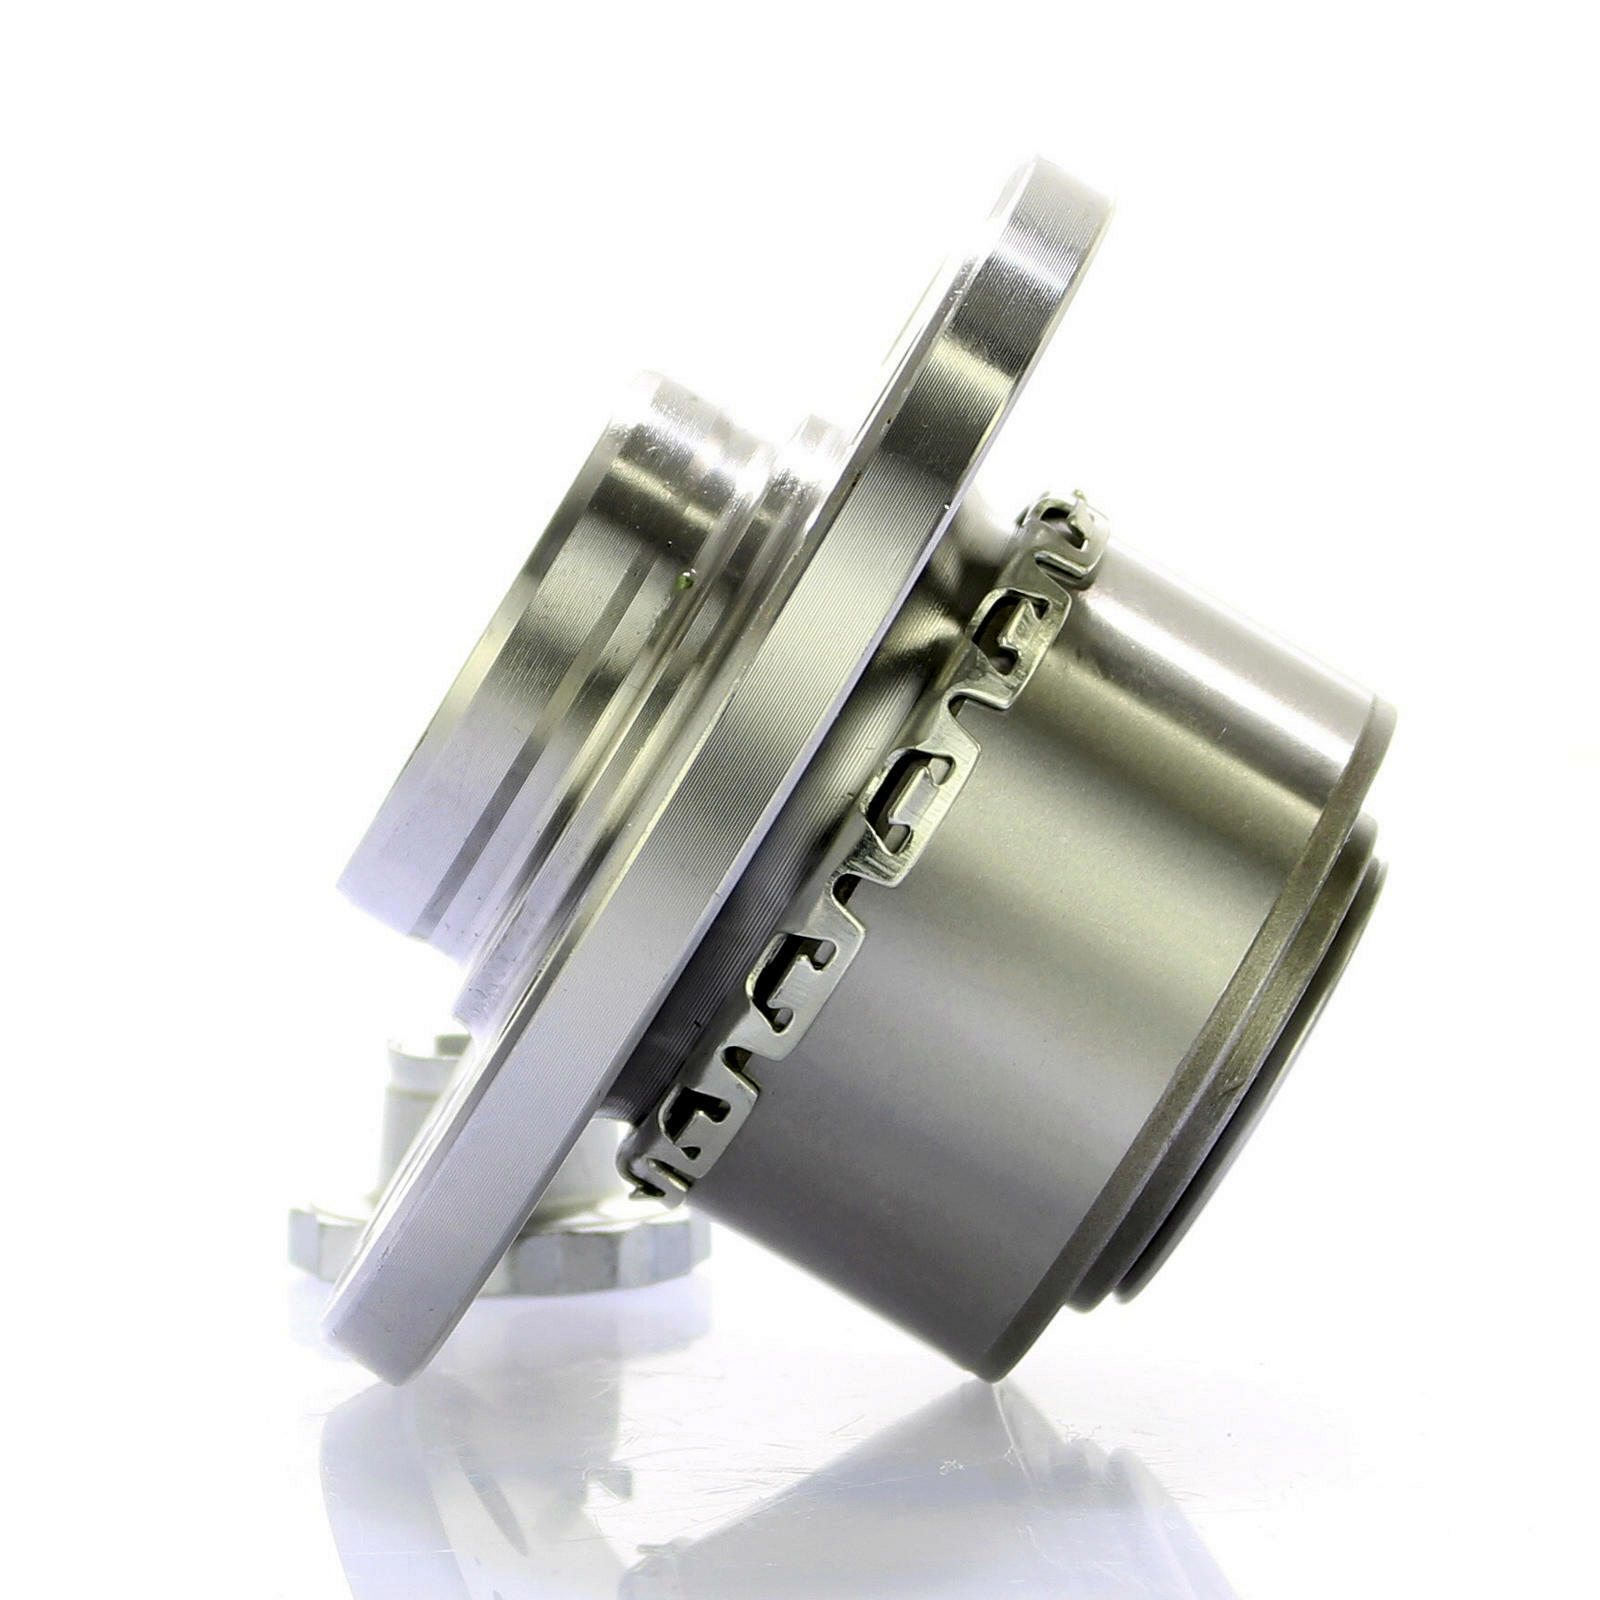 Radlagersatz Wheel bearing kit with wheel hub